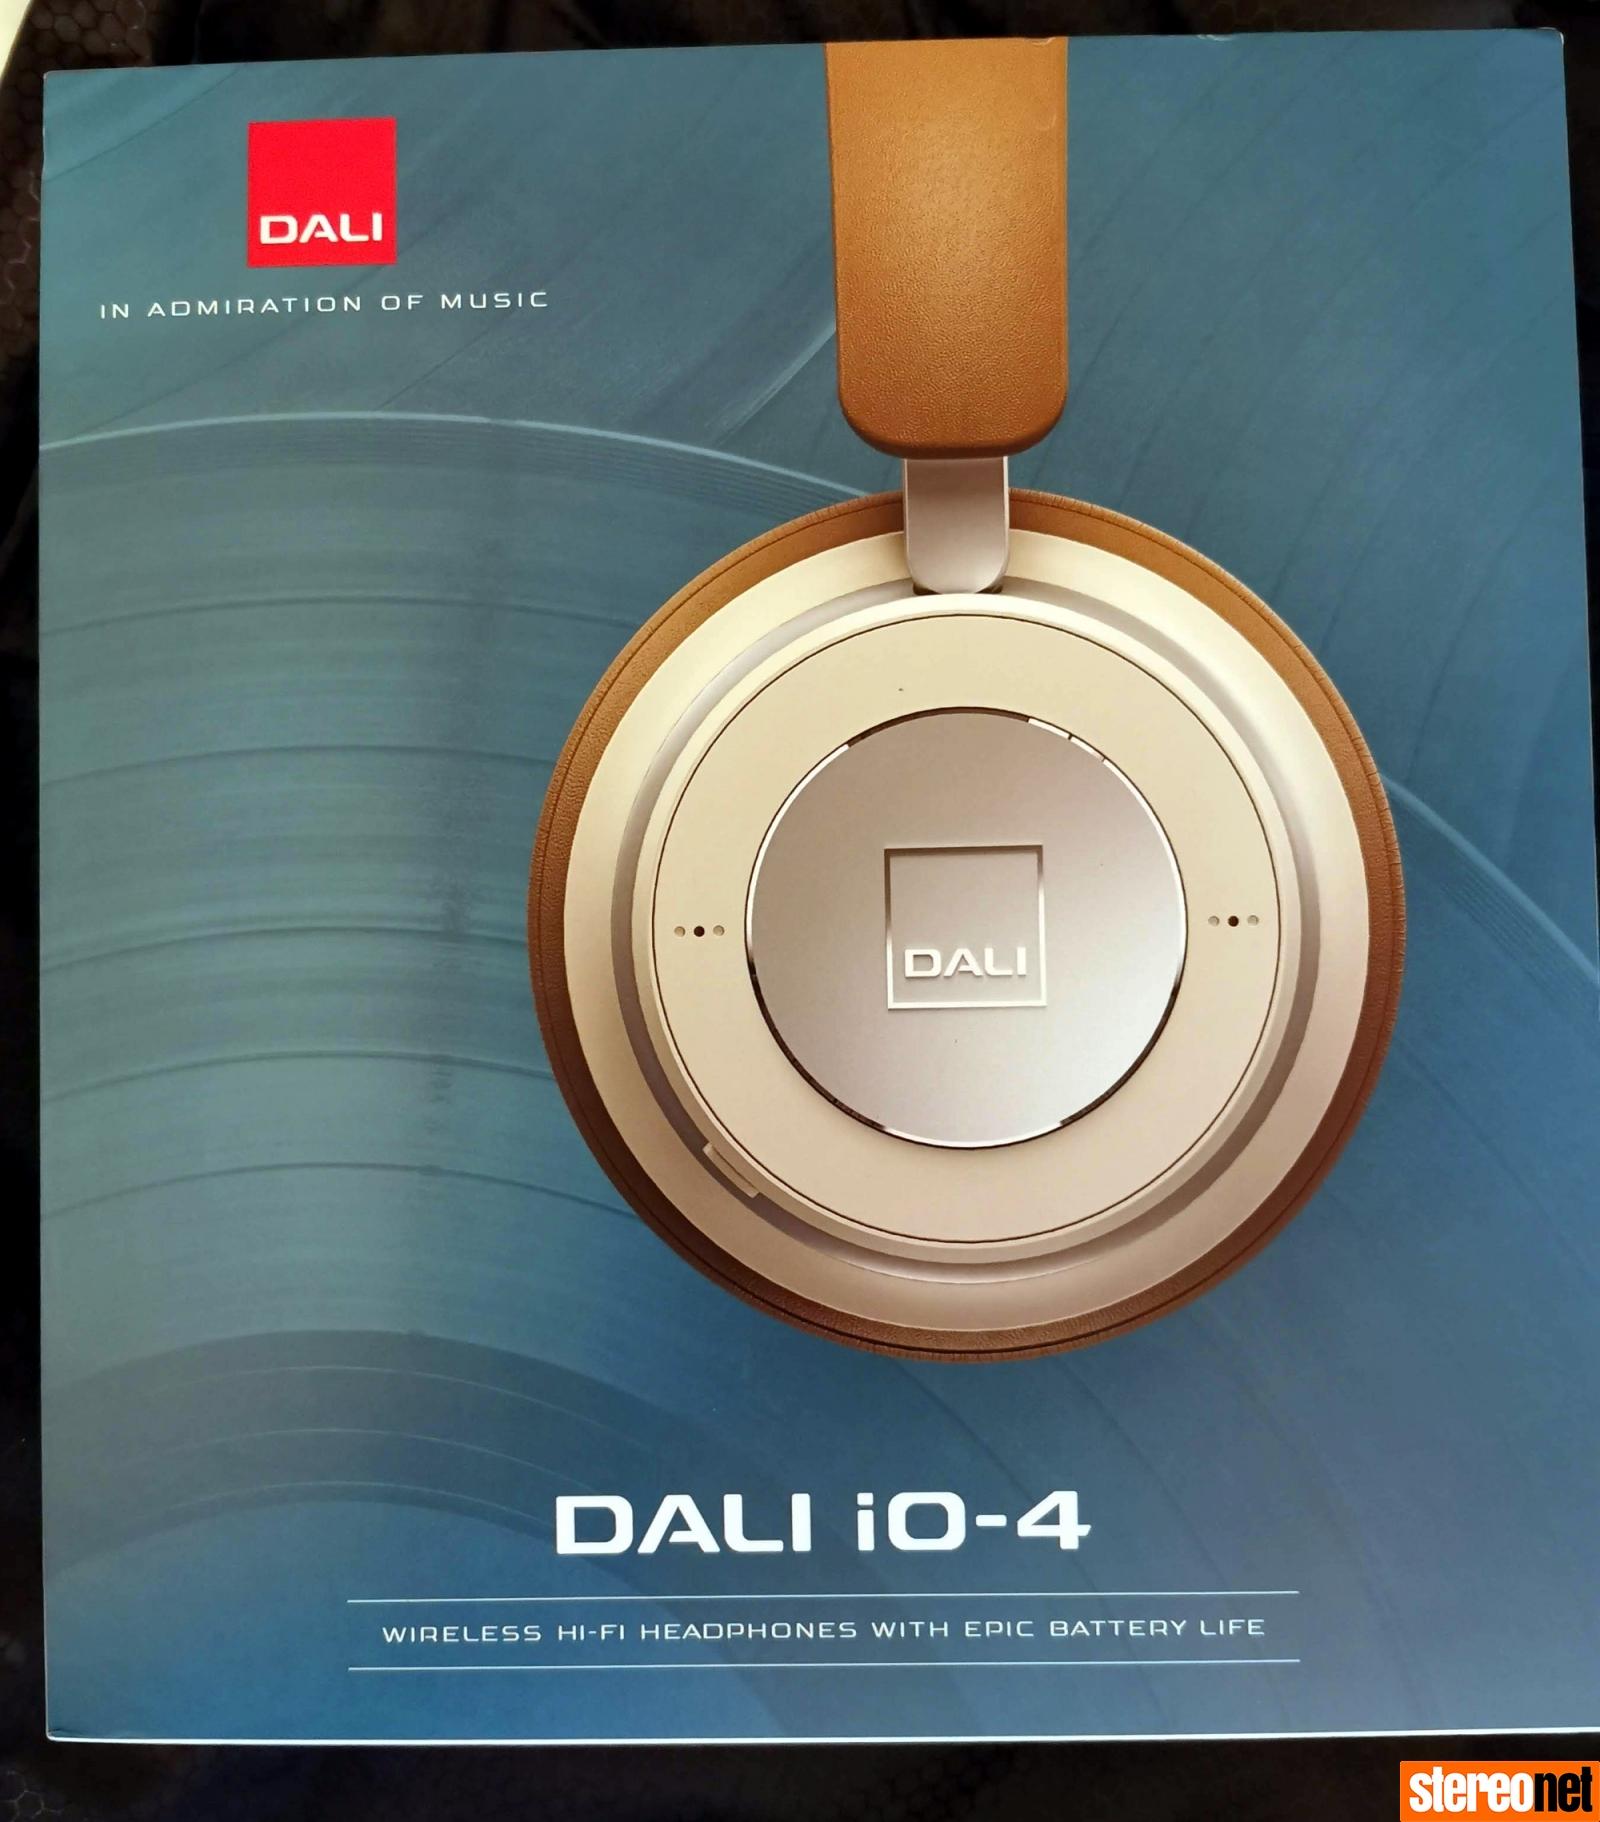 DALI iO-4